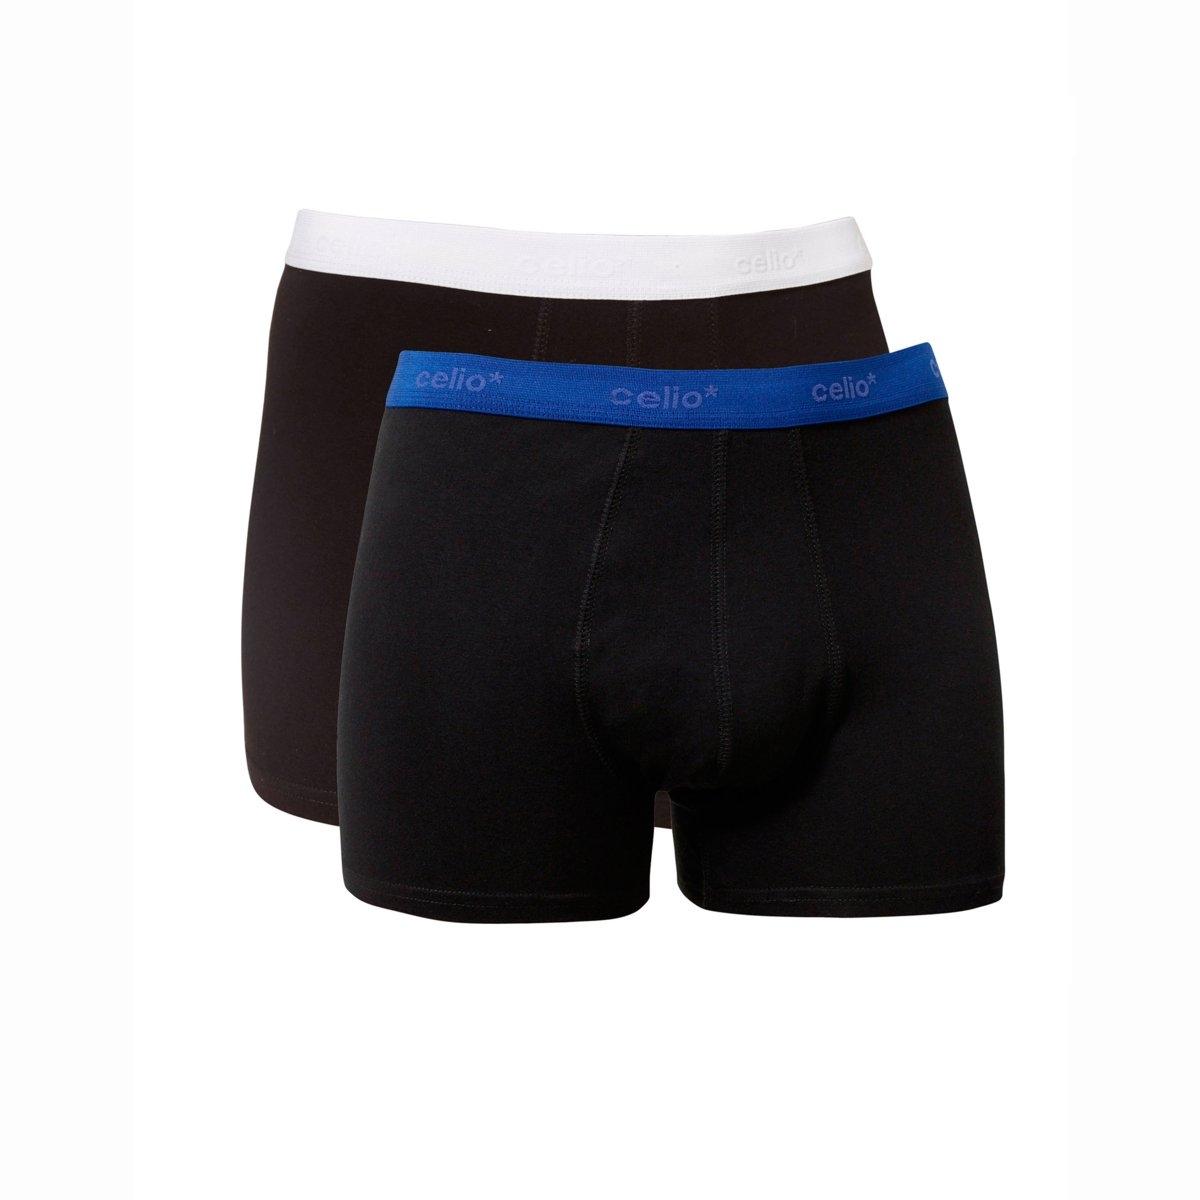 Трусы-боксеры NICELIO2, мужскиеТрусы-боксеры NICELIO2 от CELIO.95% хлопка, 5% эластана. Контрастный эластичный пояс. Два цвета : антрацит и синий.    Машинная стирка при 30 °C. Комплект из 2 трусов-боксеров.<br><br>Цвет: синий,черный + черный<br>Размер: M